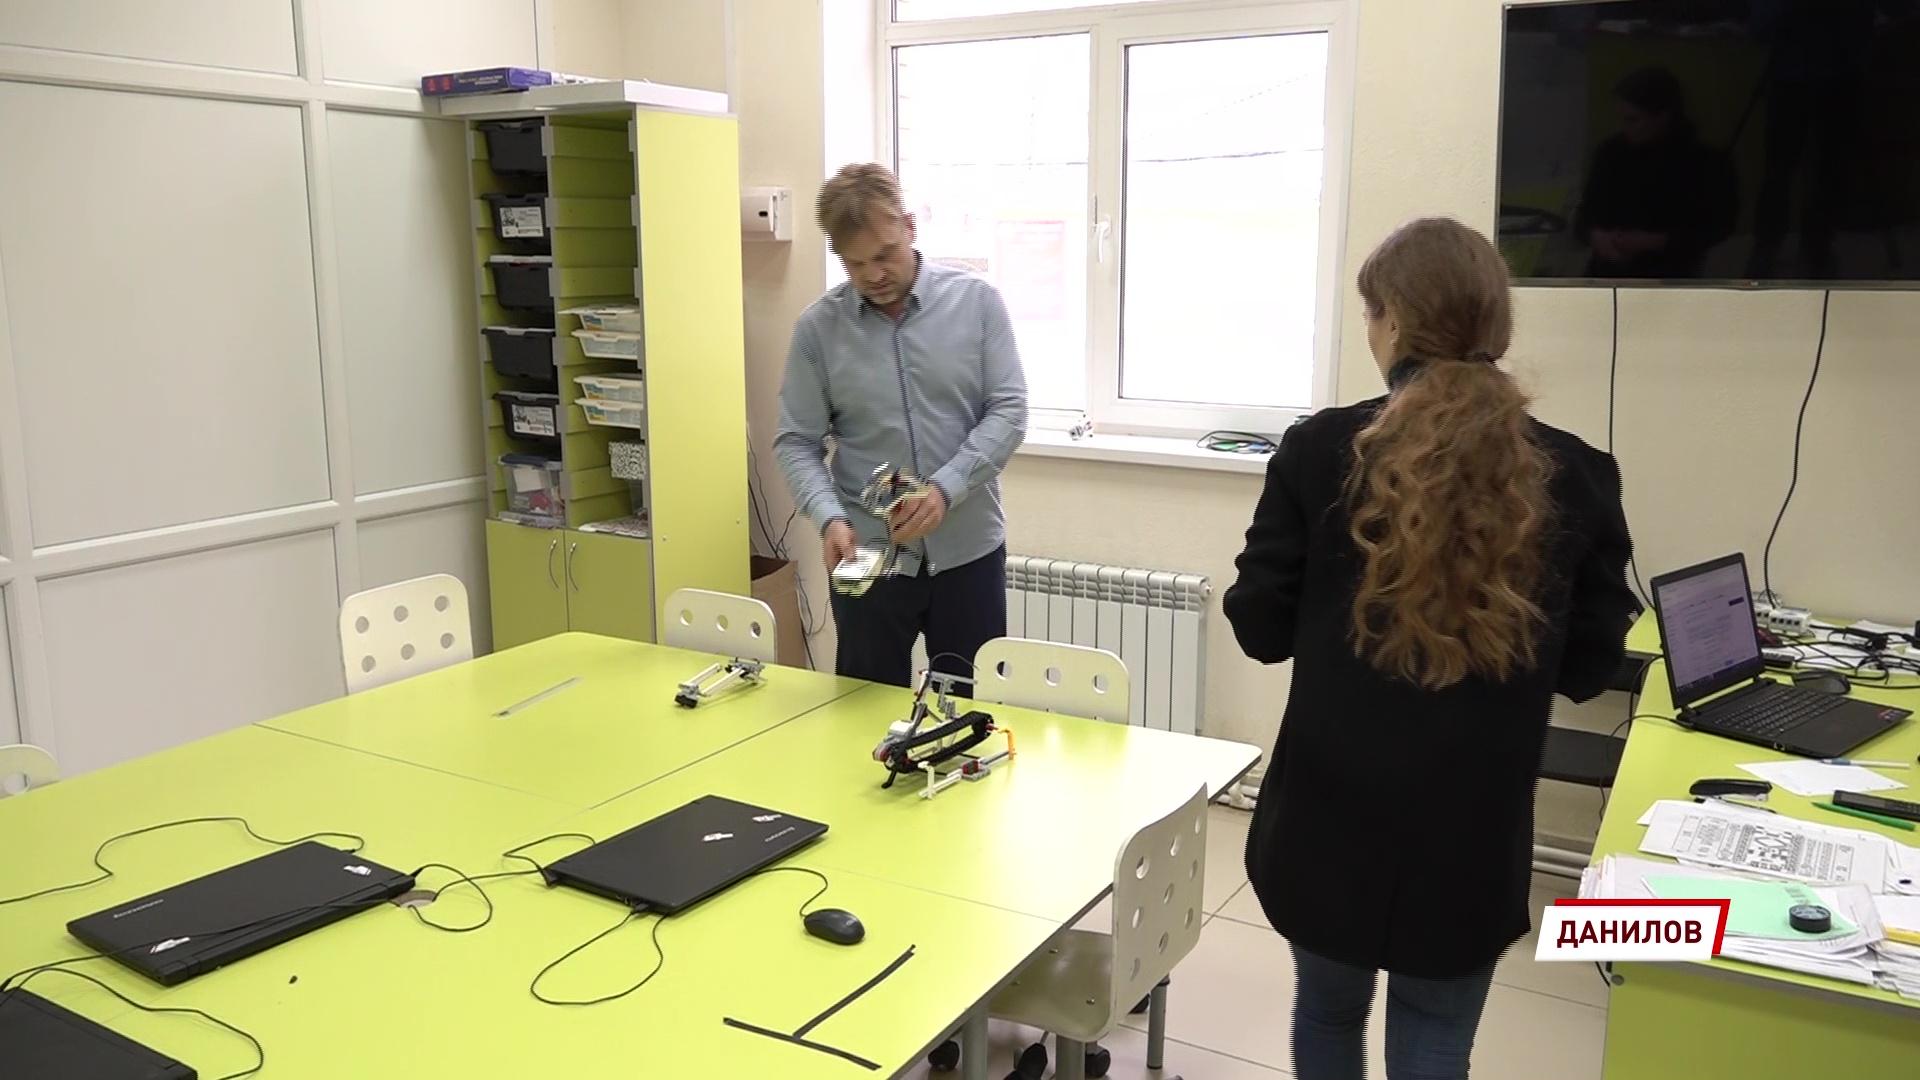 Нескучная учеба: предприниматель открывает клубы по робототехнике в разных уголках области